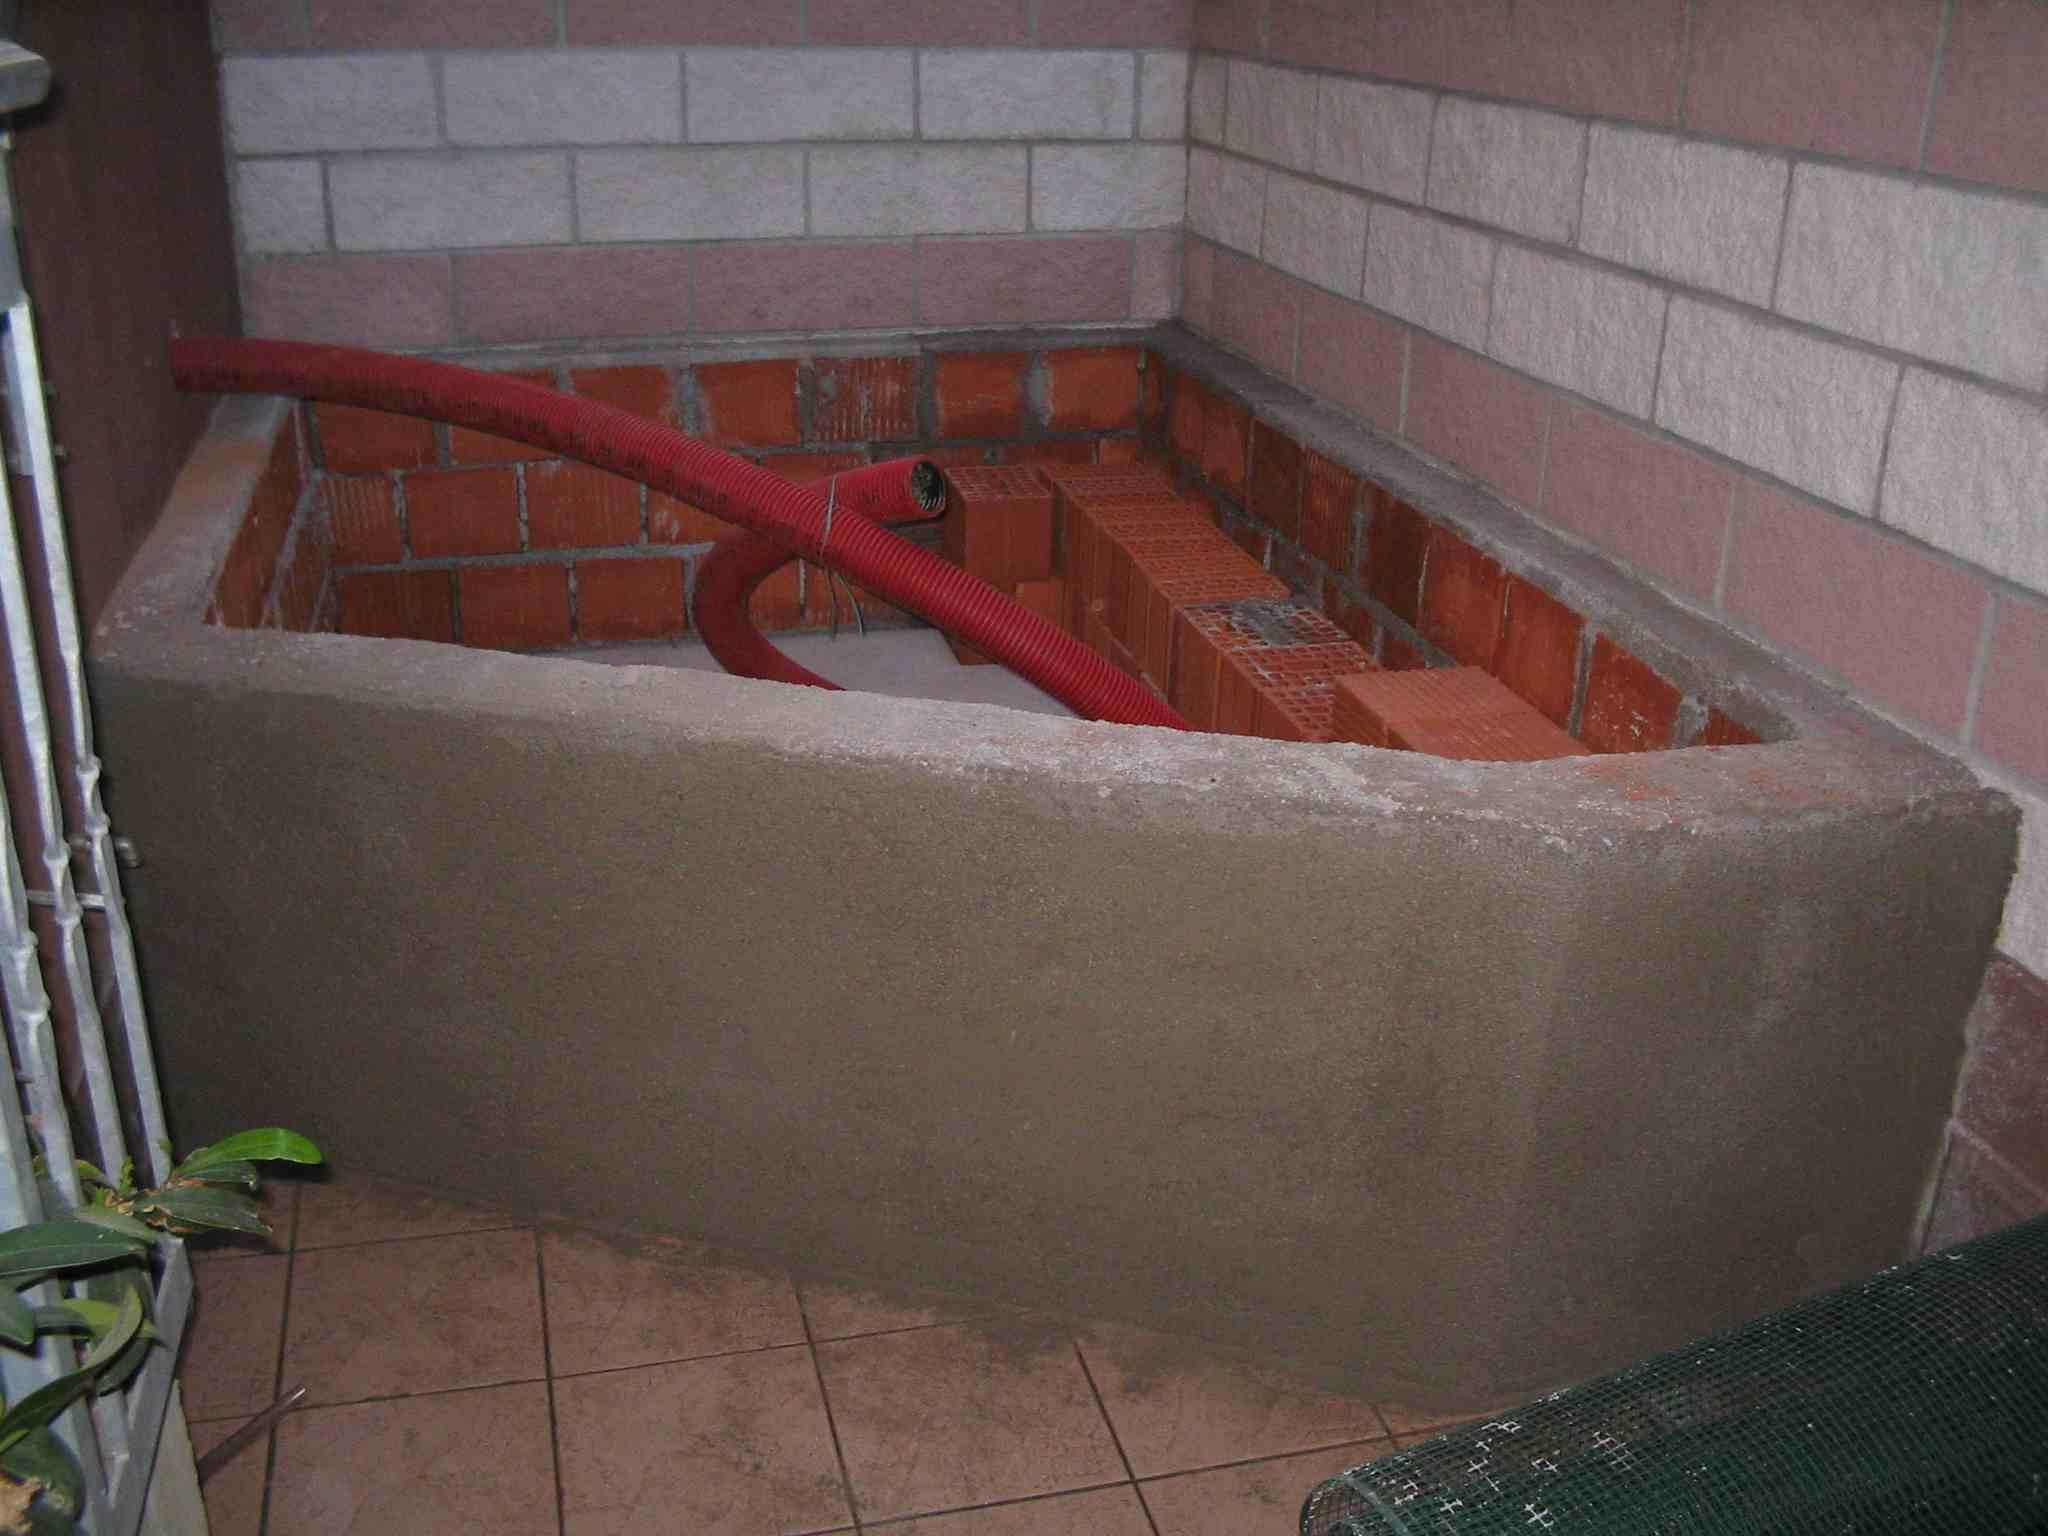 Vasca Da Bagno In Muratura : Costruire vasca da bagno in muratura cuore di legno vasca da